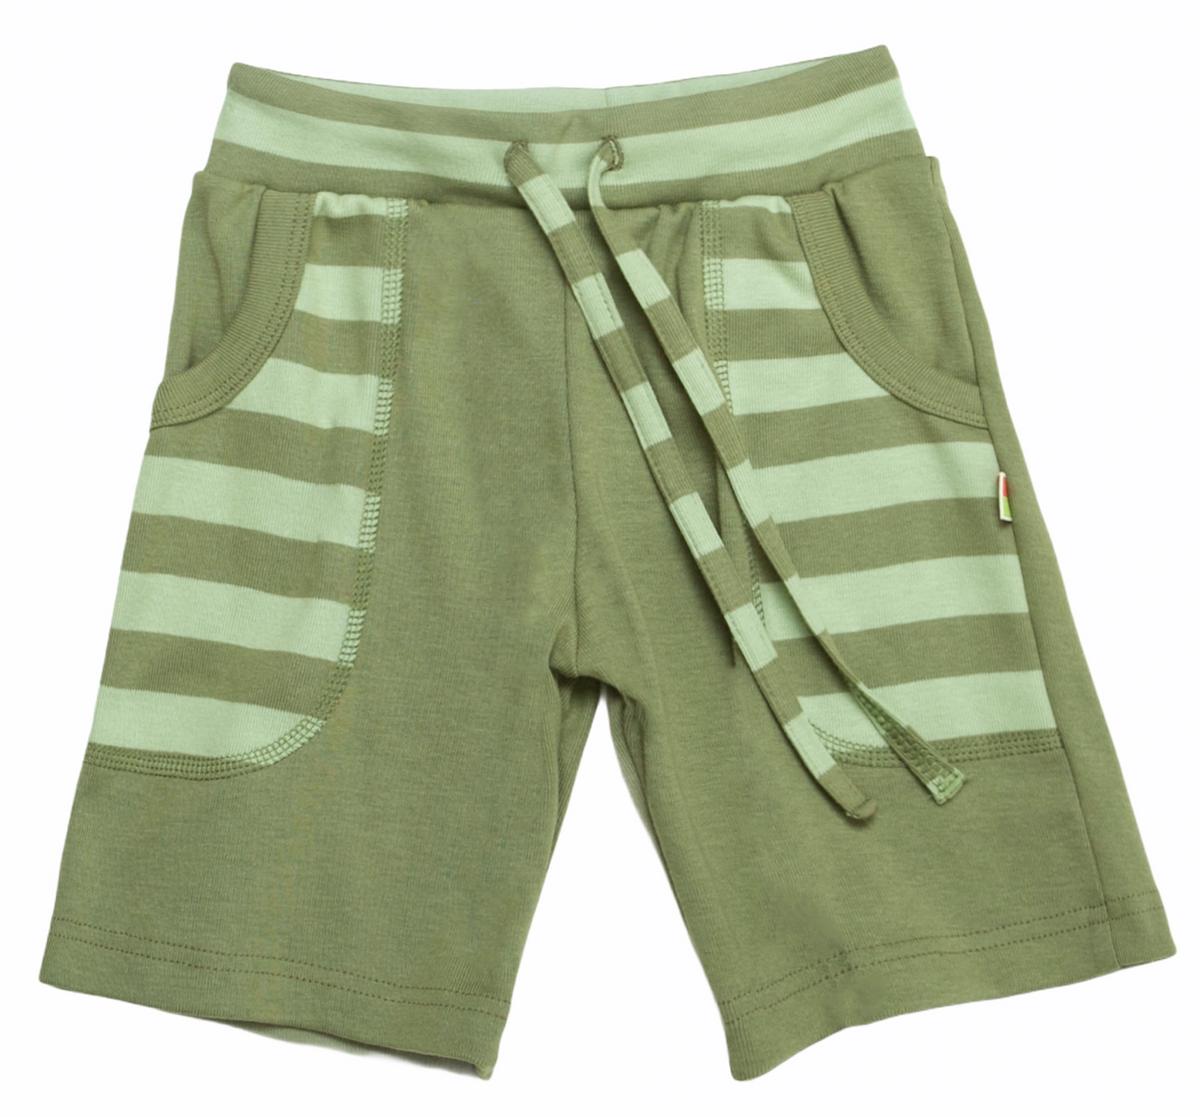 Shorts øko grønn